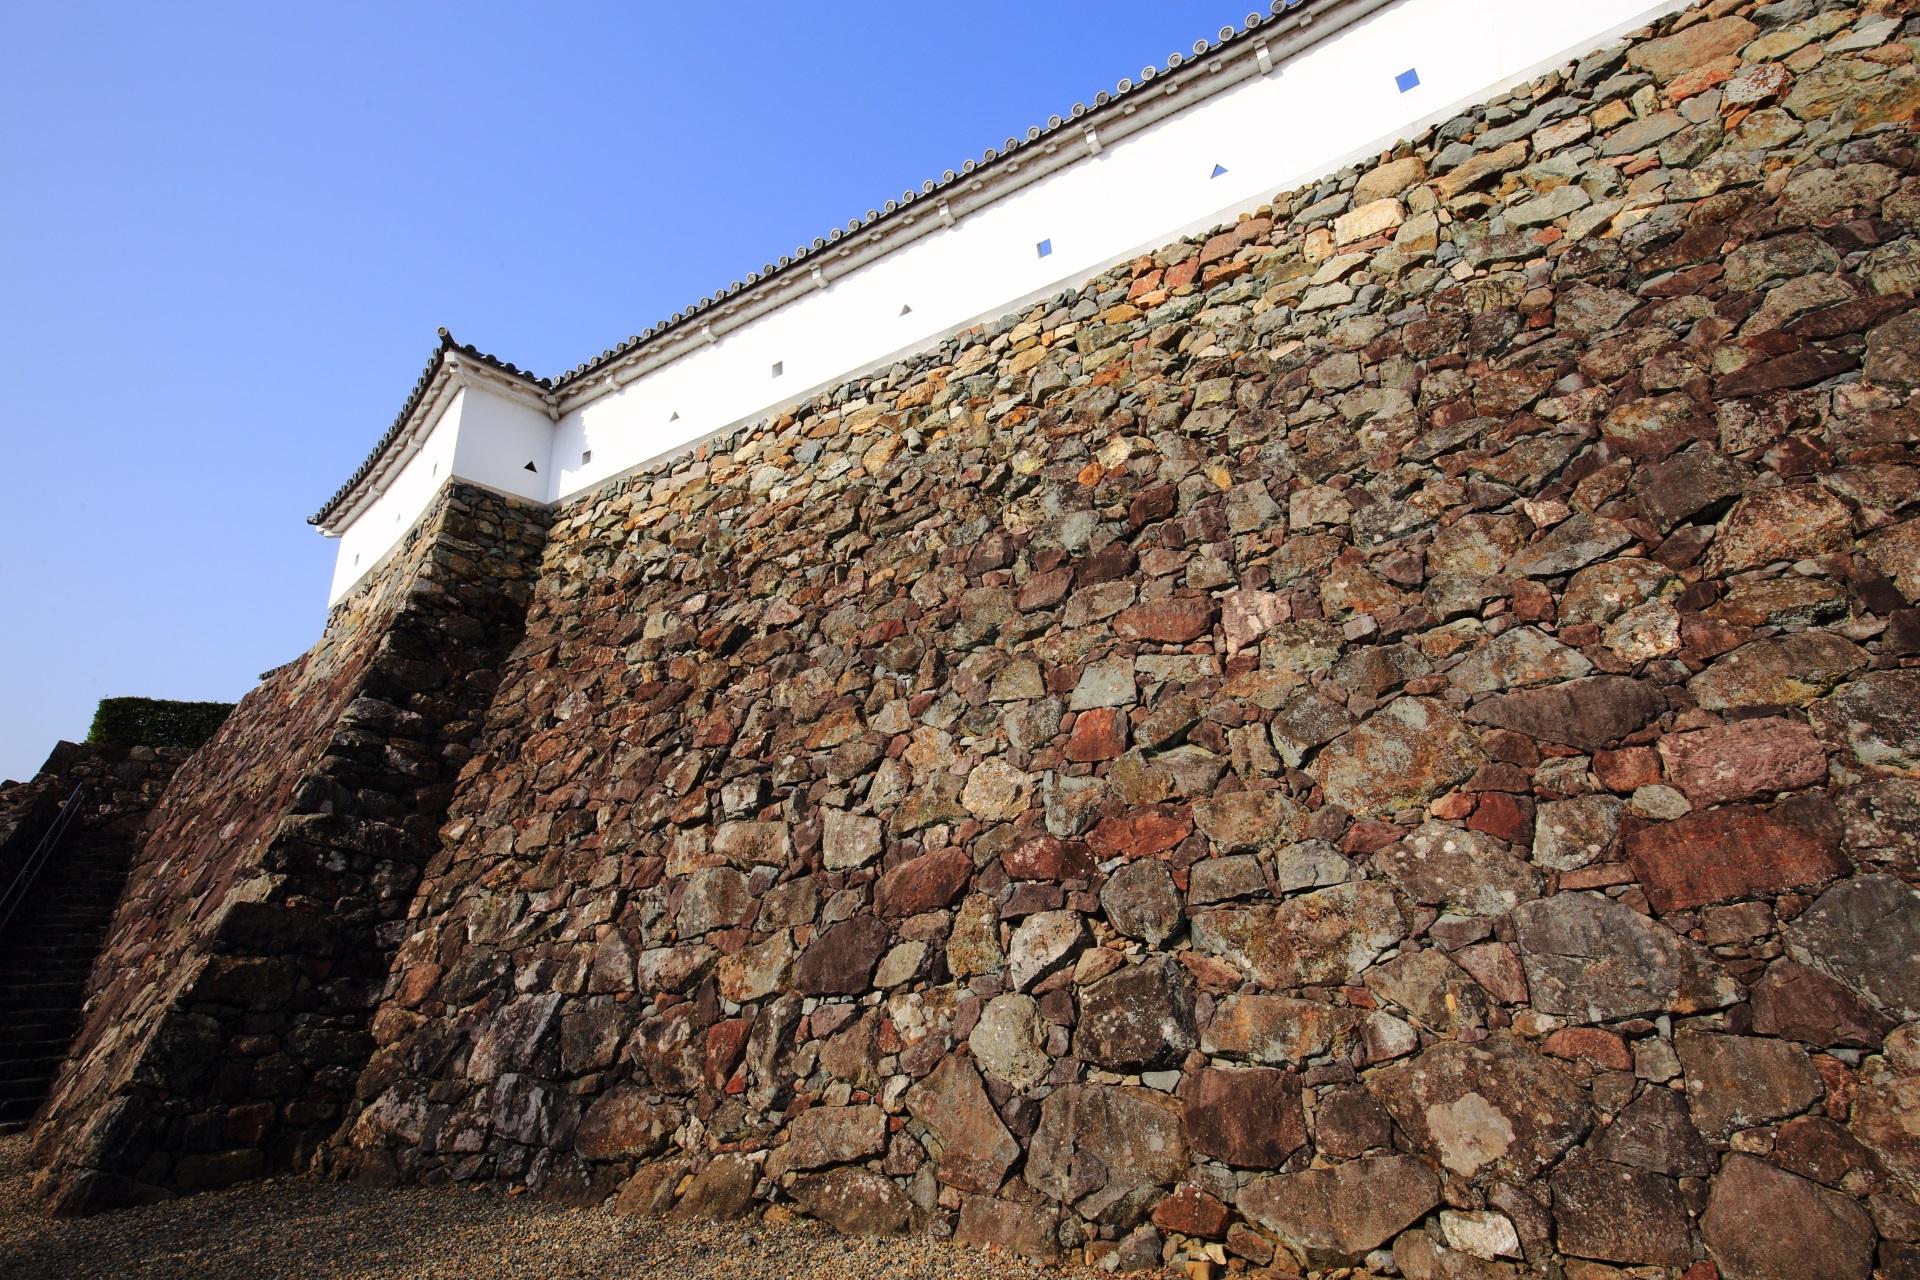 様々な形や大きさの石や岩が用いられる福知山城の石垣